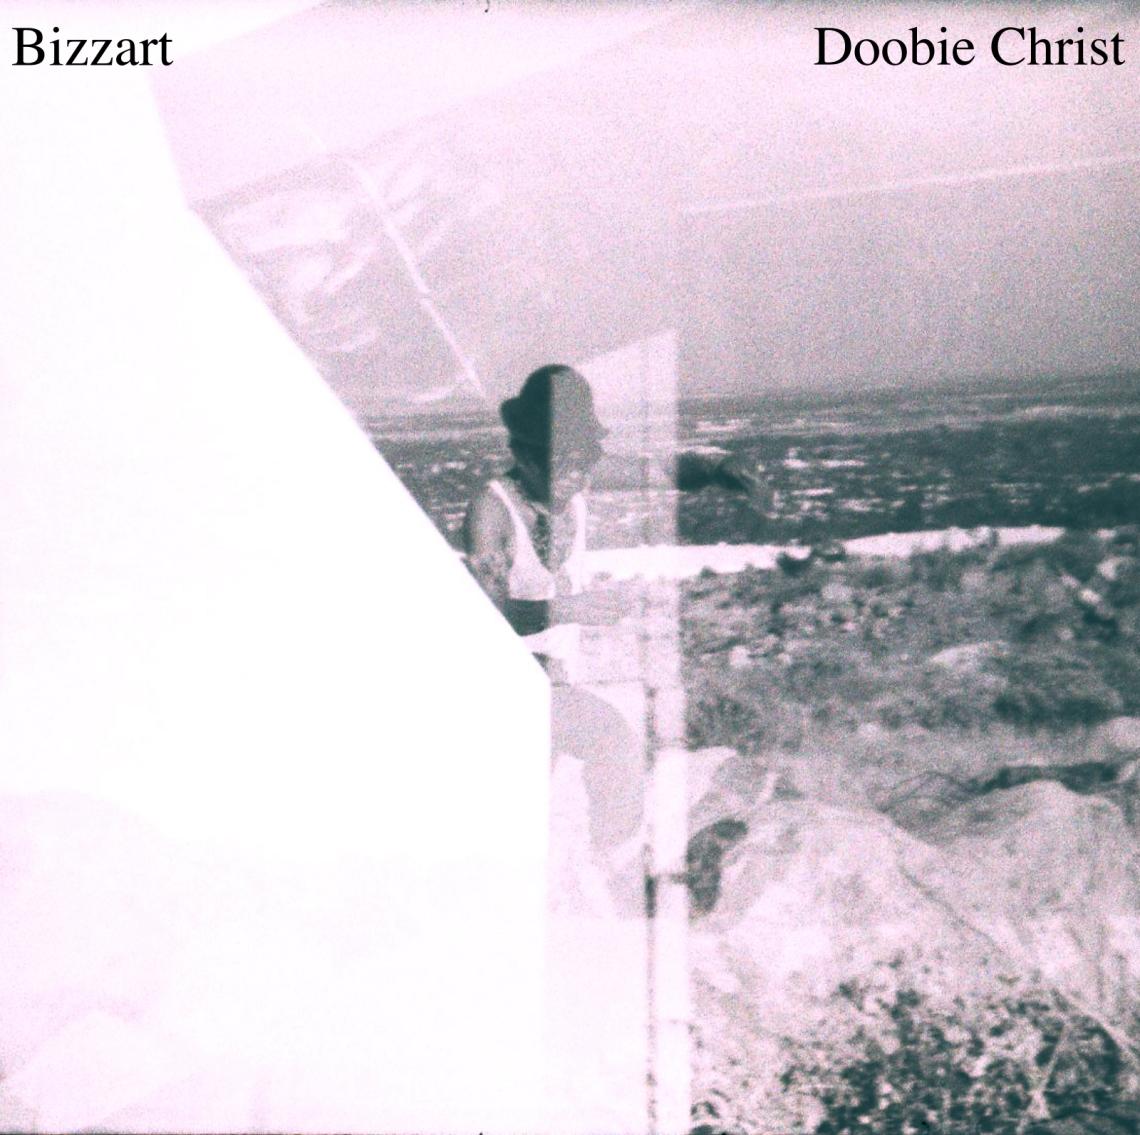 Doobie Christ Cover DEMO 3